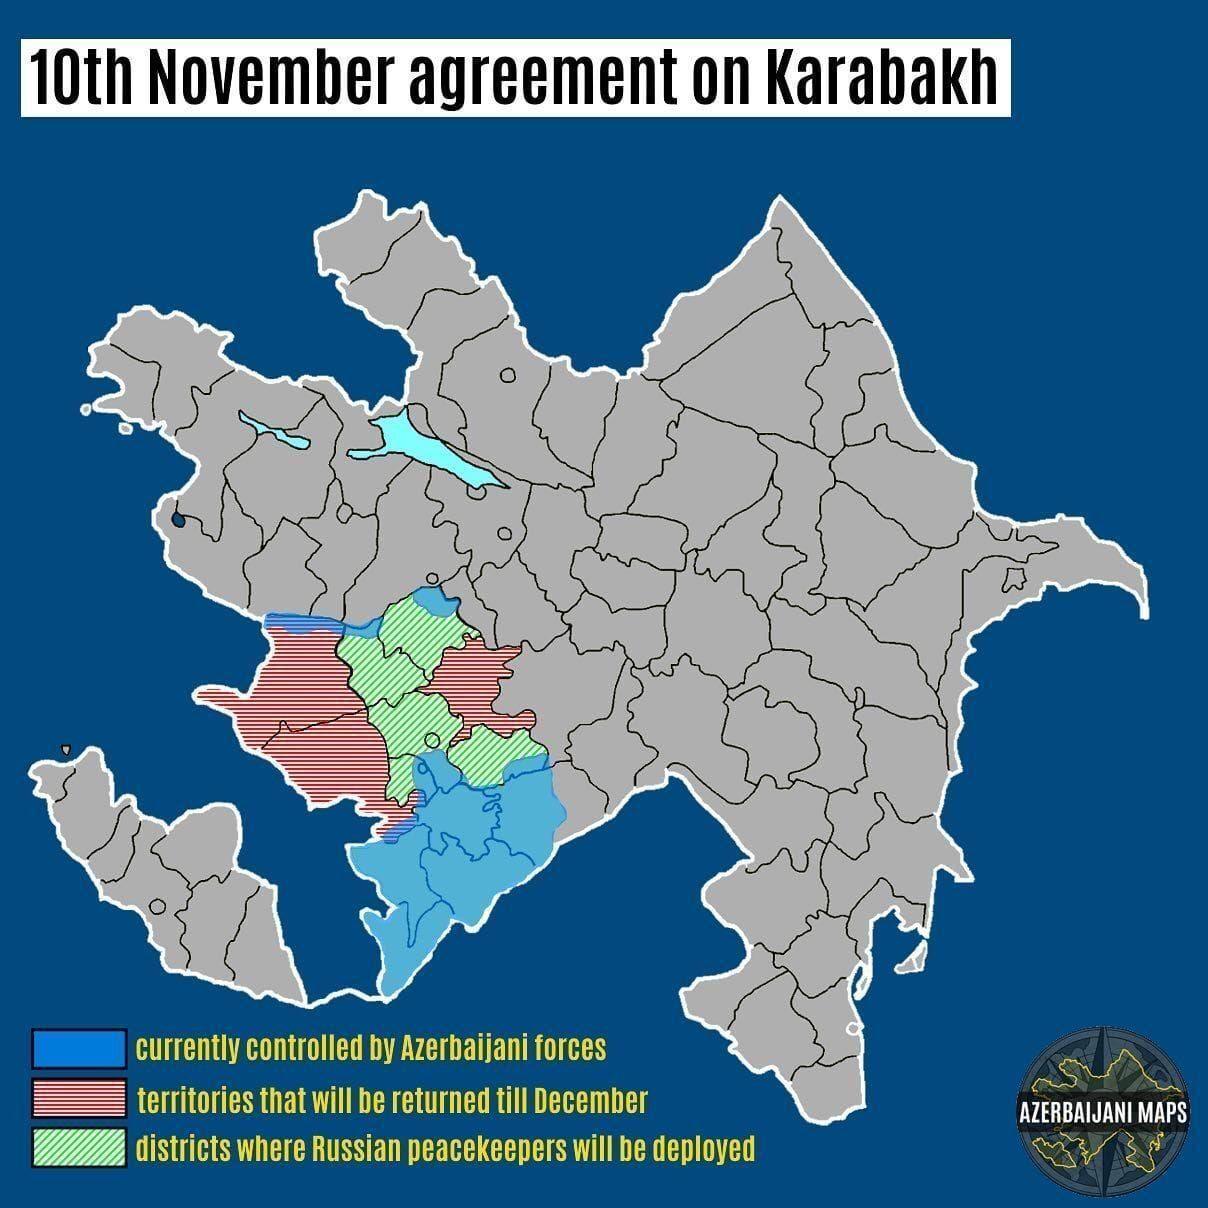 Карта реалізації угоди про припинення бойових дій у Нагірному Карабасі. Синім виділено території, які зараз перебувають під контролем Збройних сил Азербайджану. Червоним – перейдуть Азербайджану до кінця року. Зеленим – території, де будуть розміщені російські військові